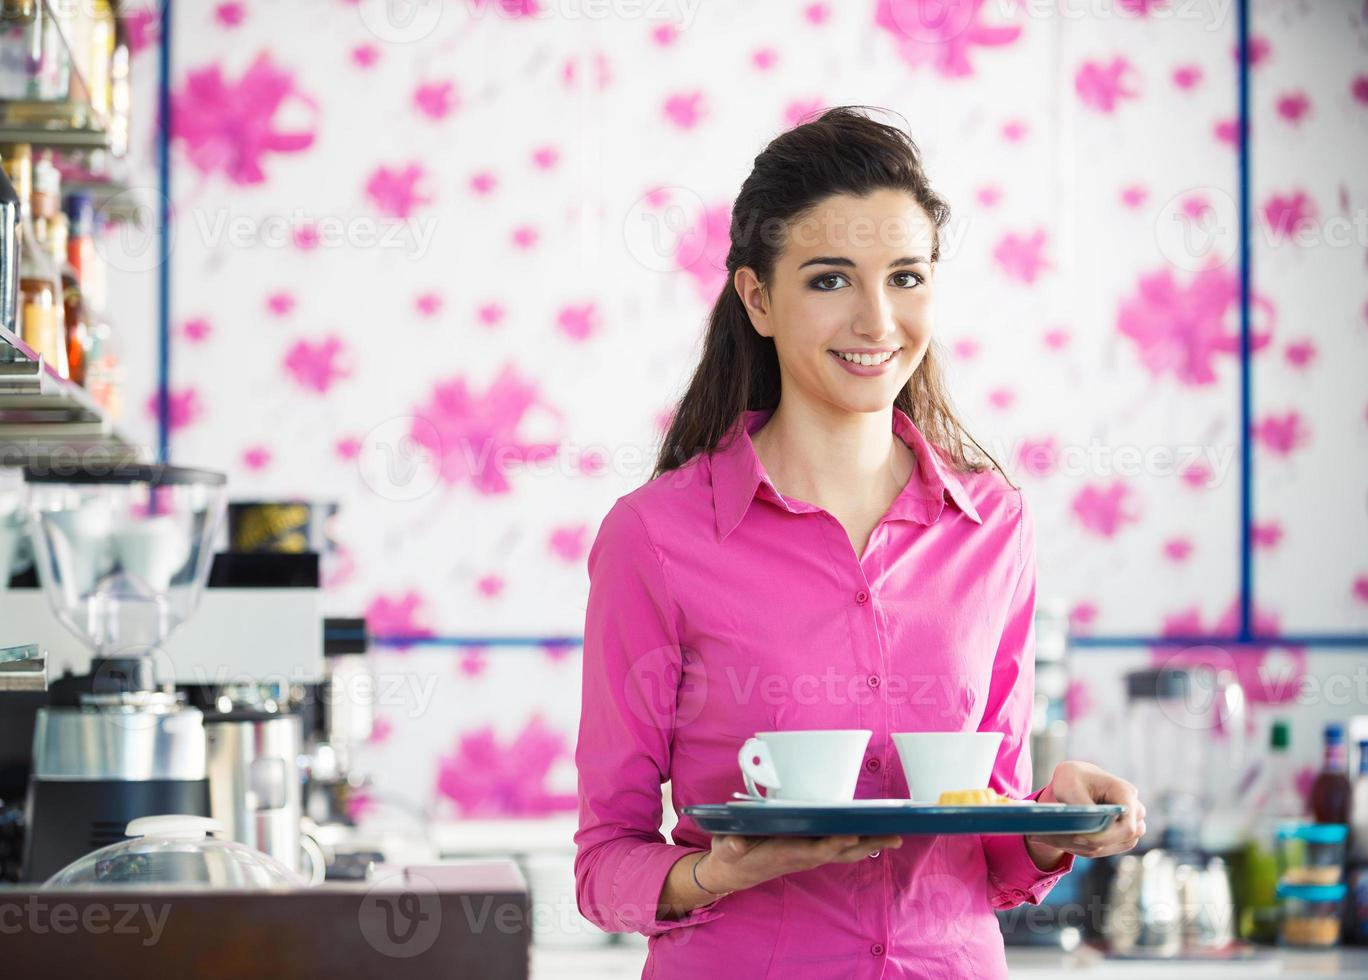 junge lächelnde Kellnerin, die Kaffee an der Bar serviert foto